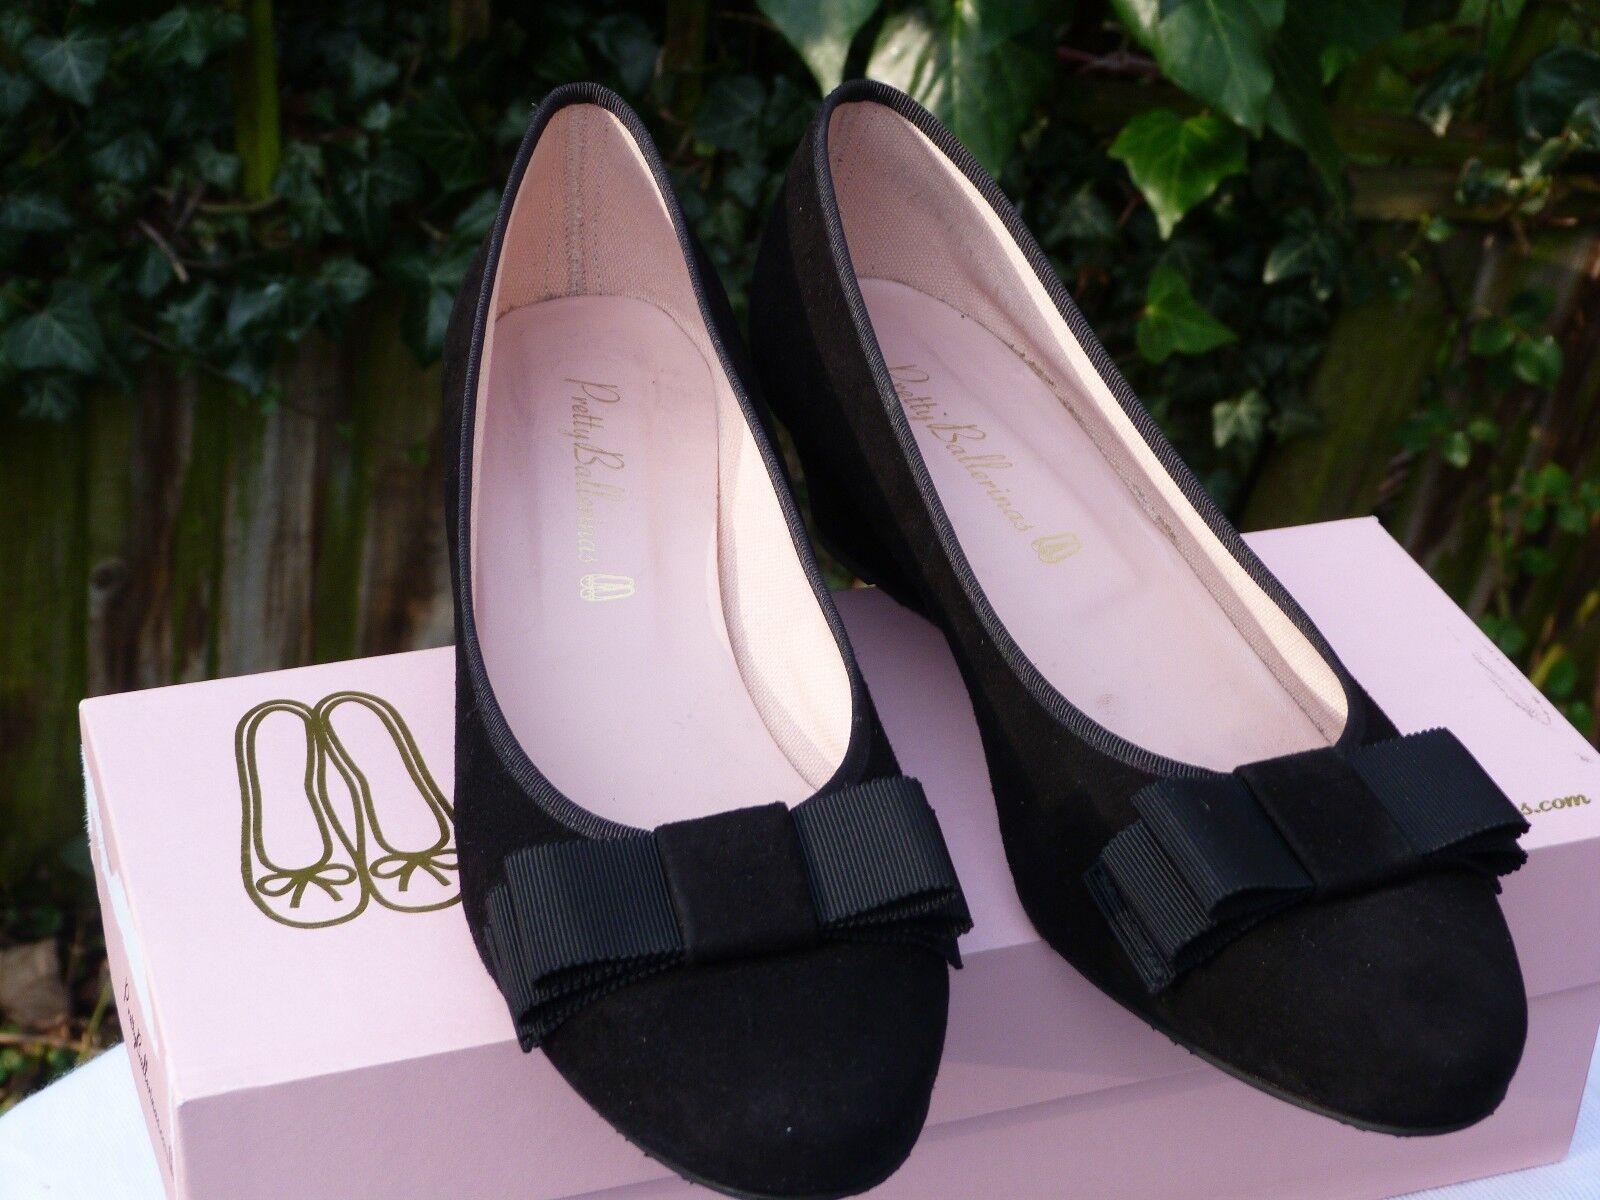 Pretty Ballerinas Größe 7/40/6.5/39.5/suede/schwarz/wedge/heel/женская обувь/damesk обувь/damesk обувь/damesk 801d83